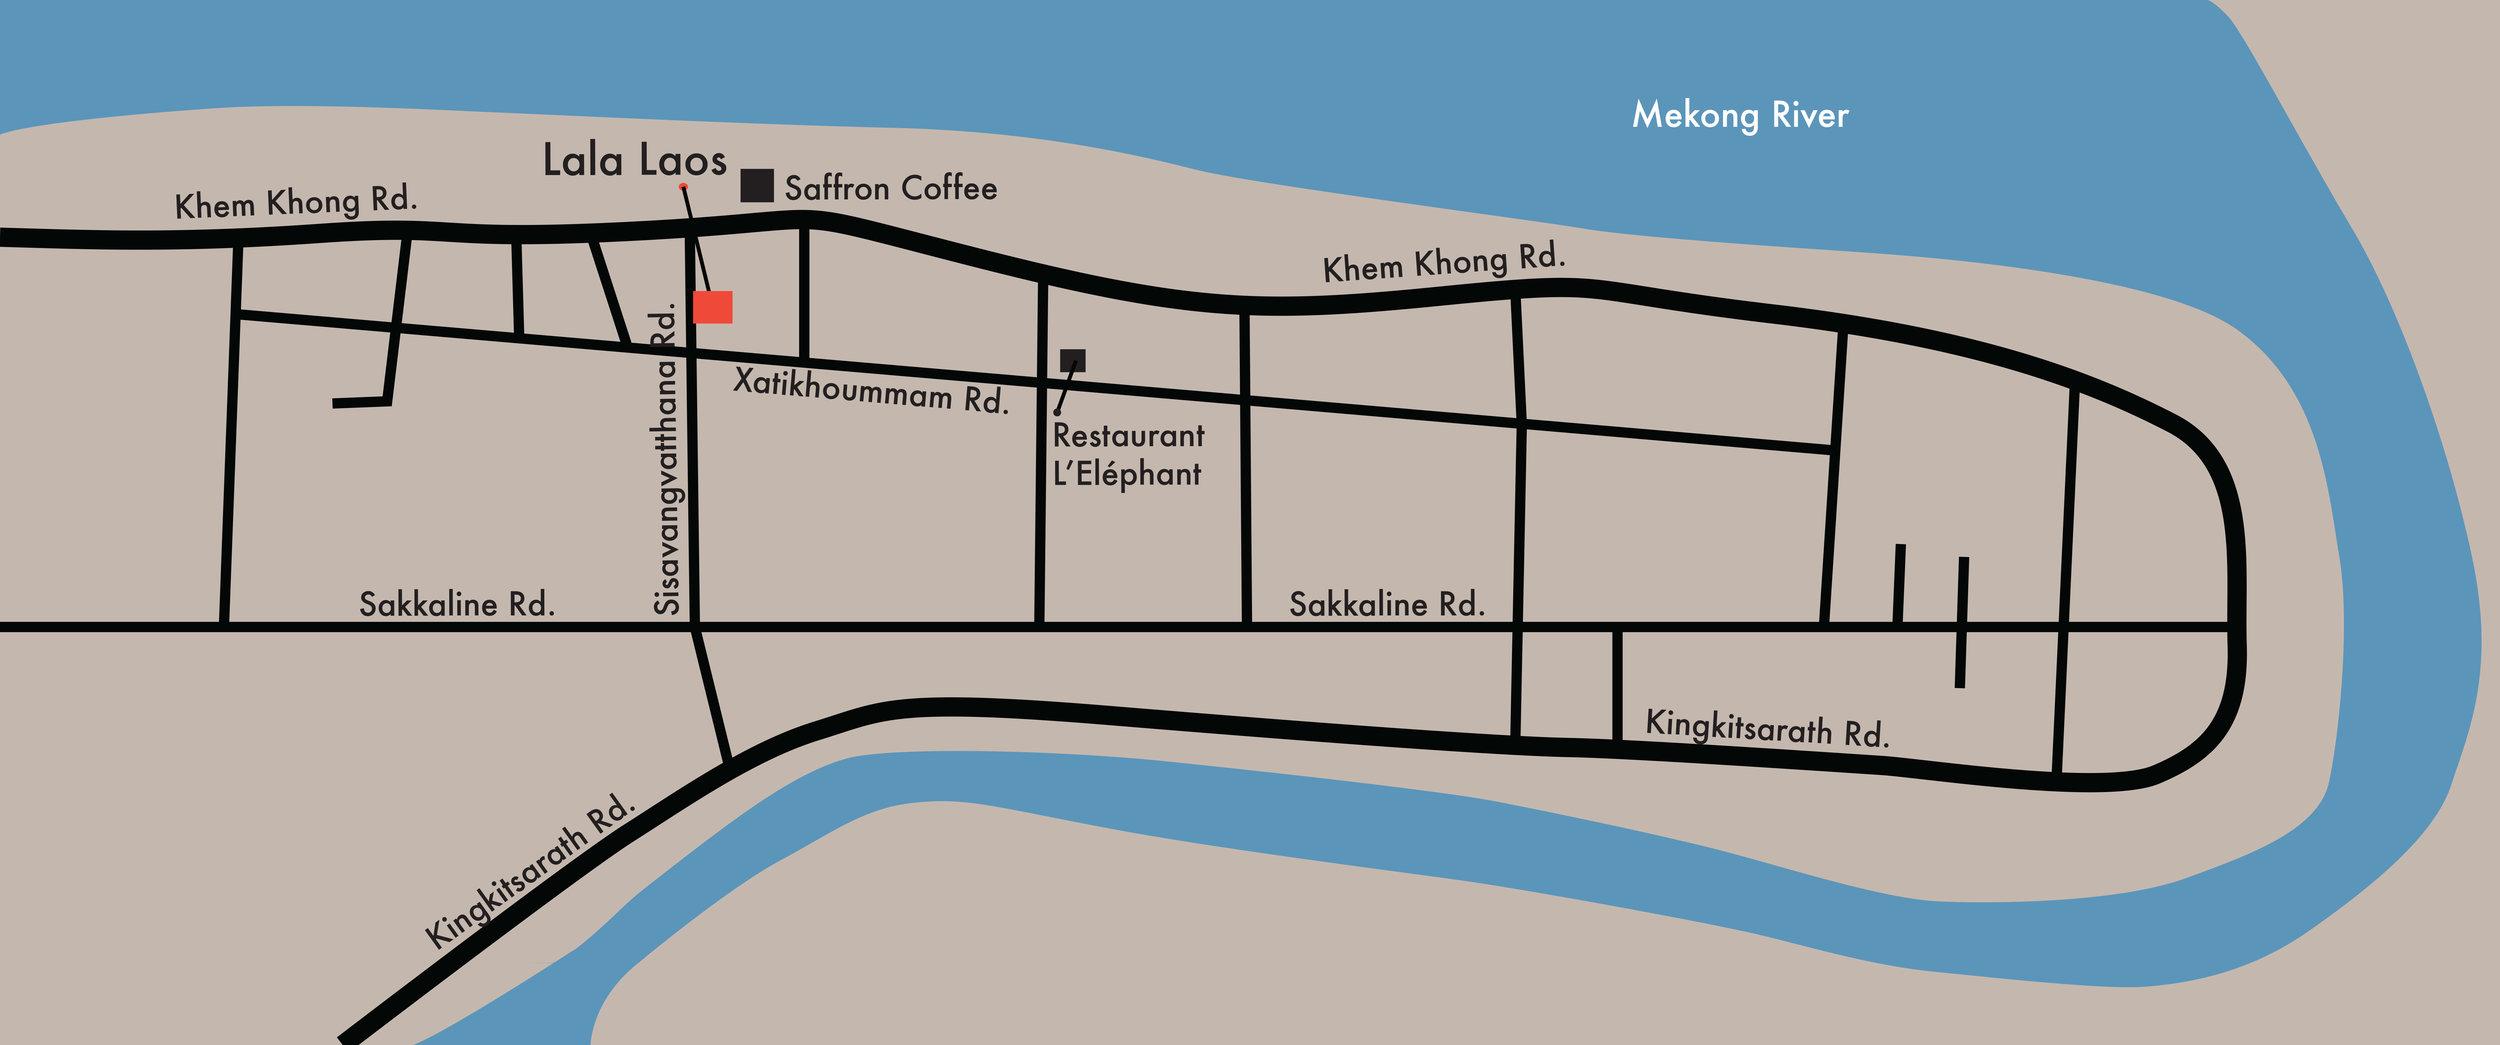 lala-laos-map